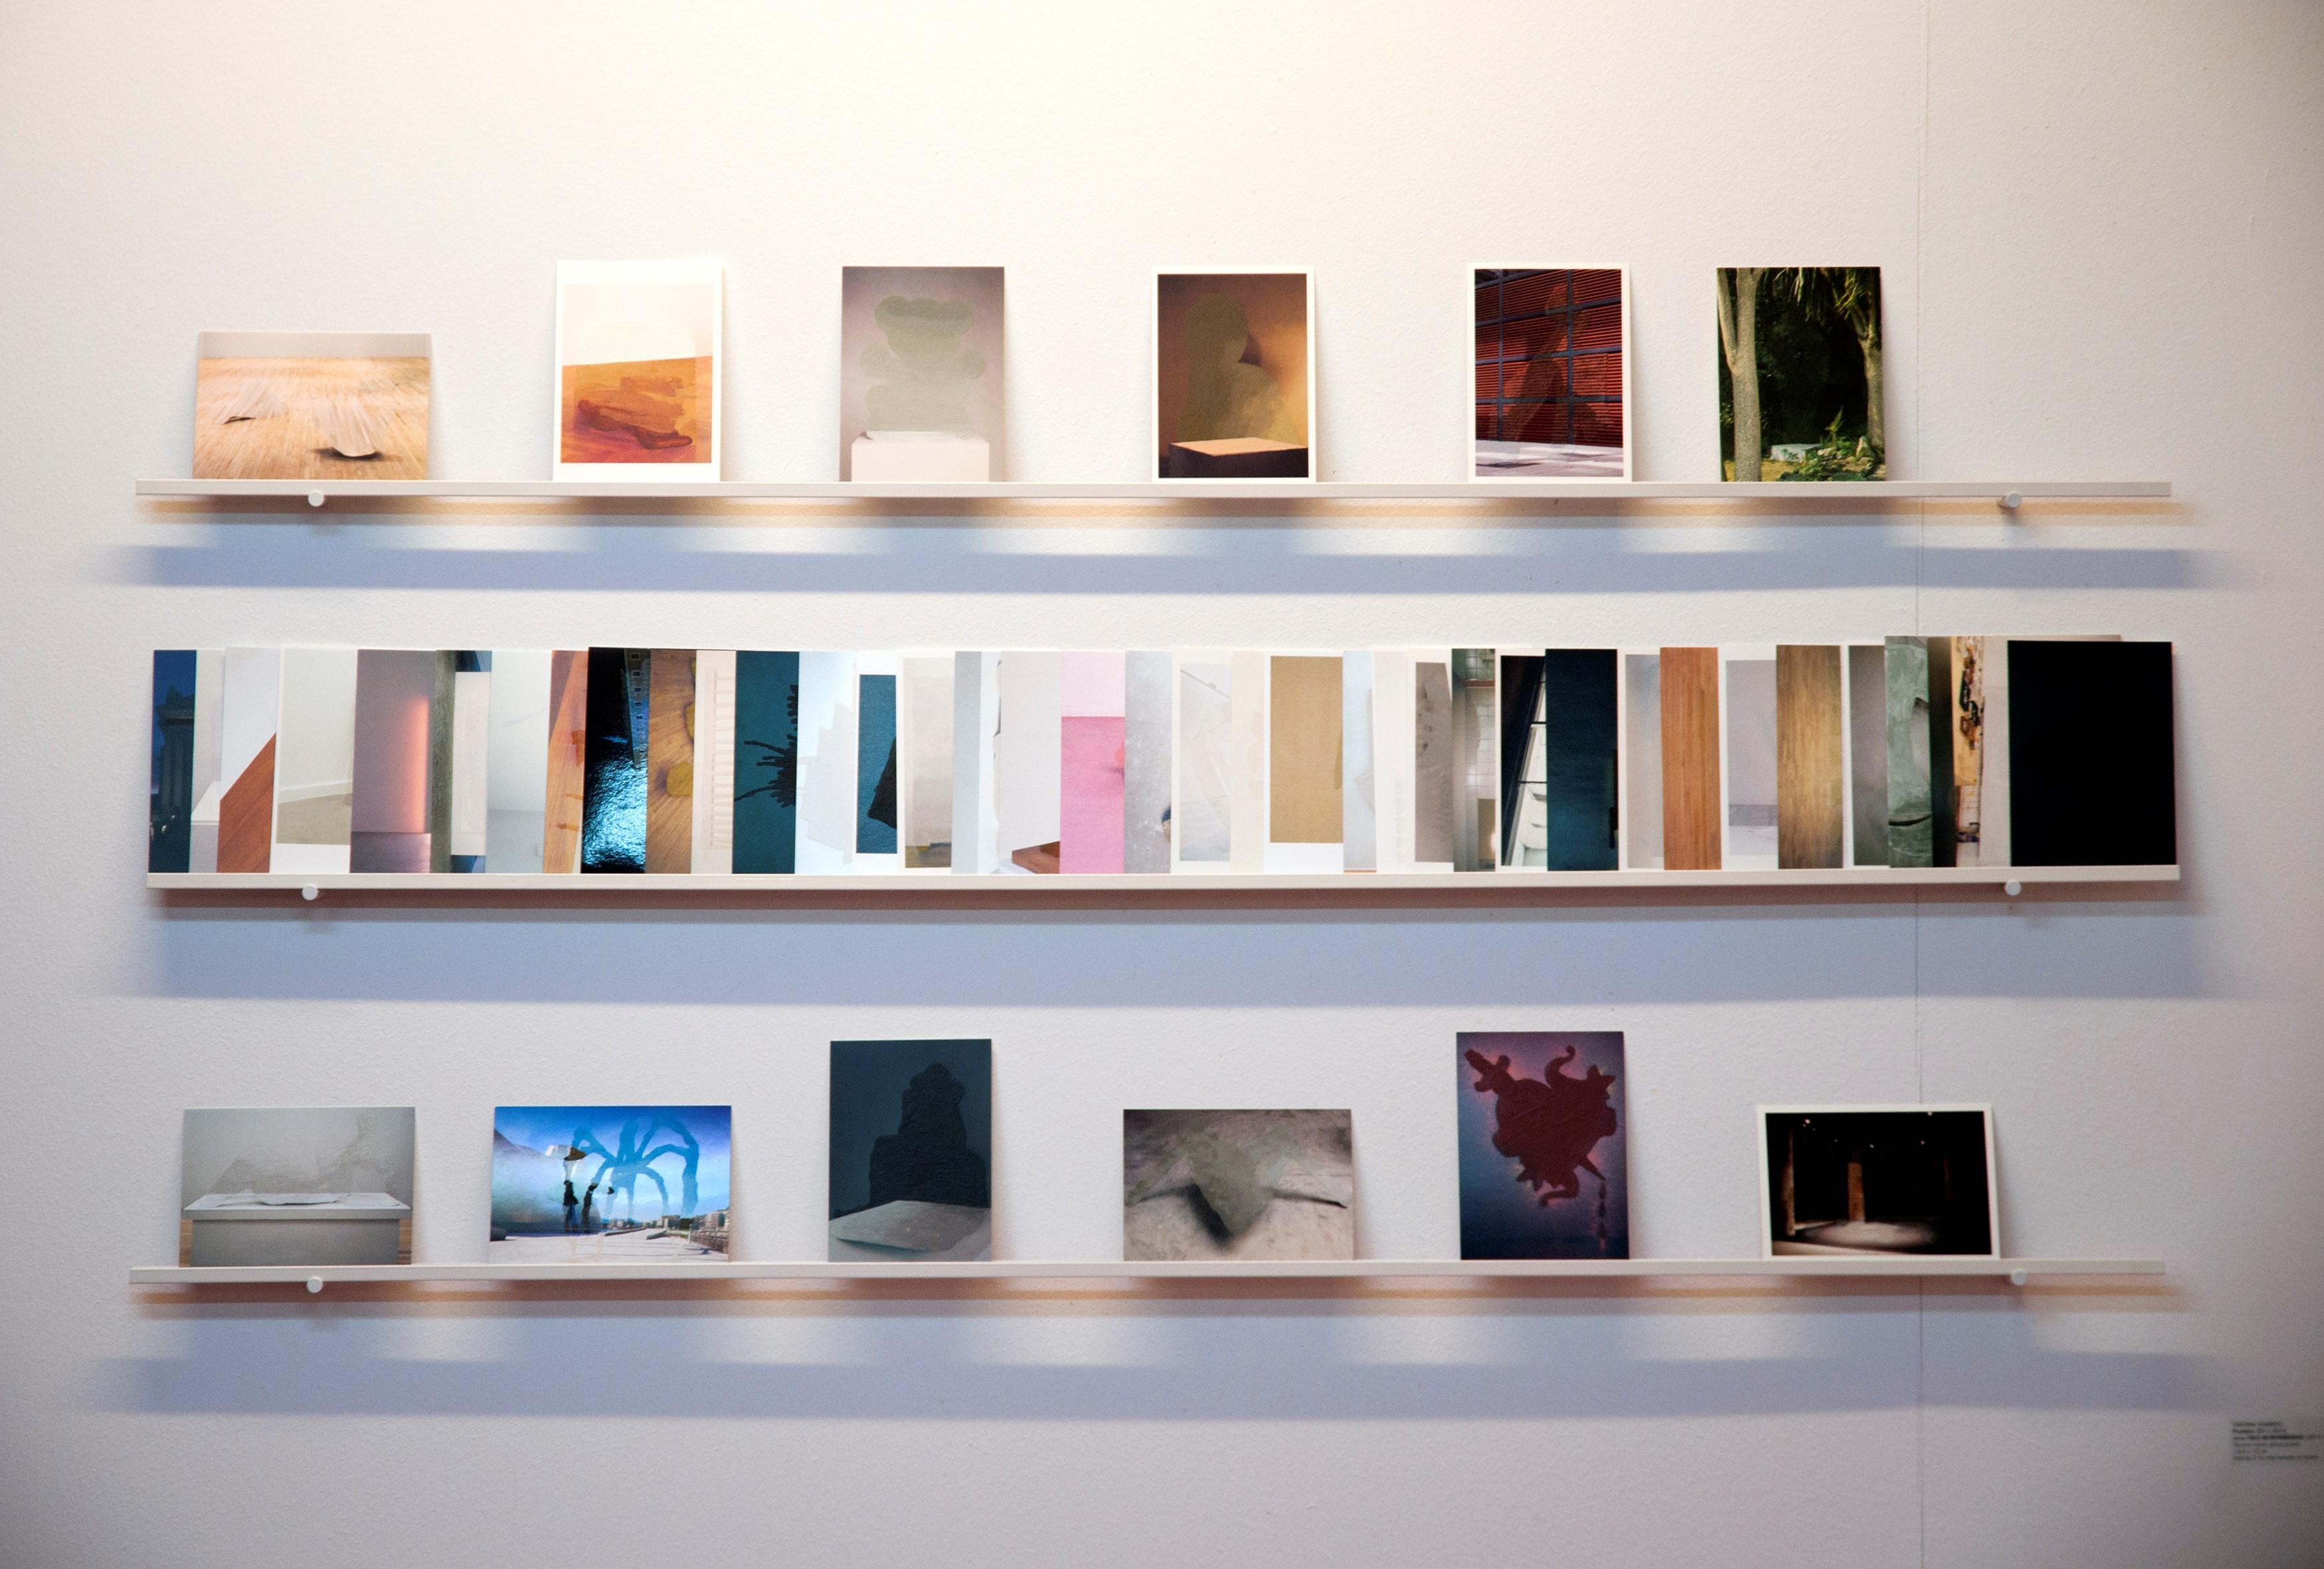 Estantería con libros ilustrativa fallo VII premio internacional de arte 2019